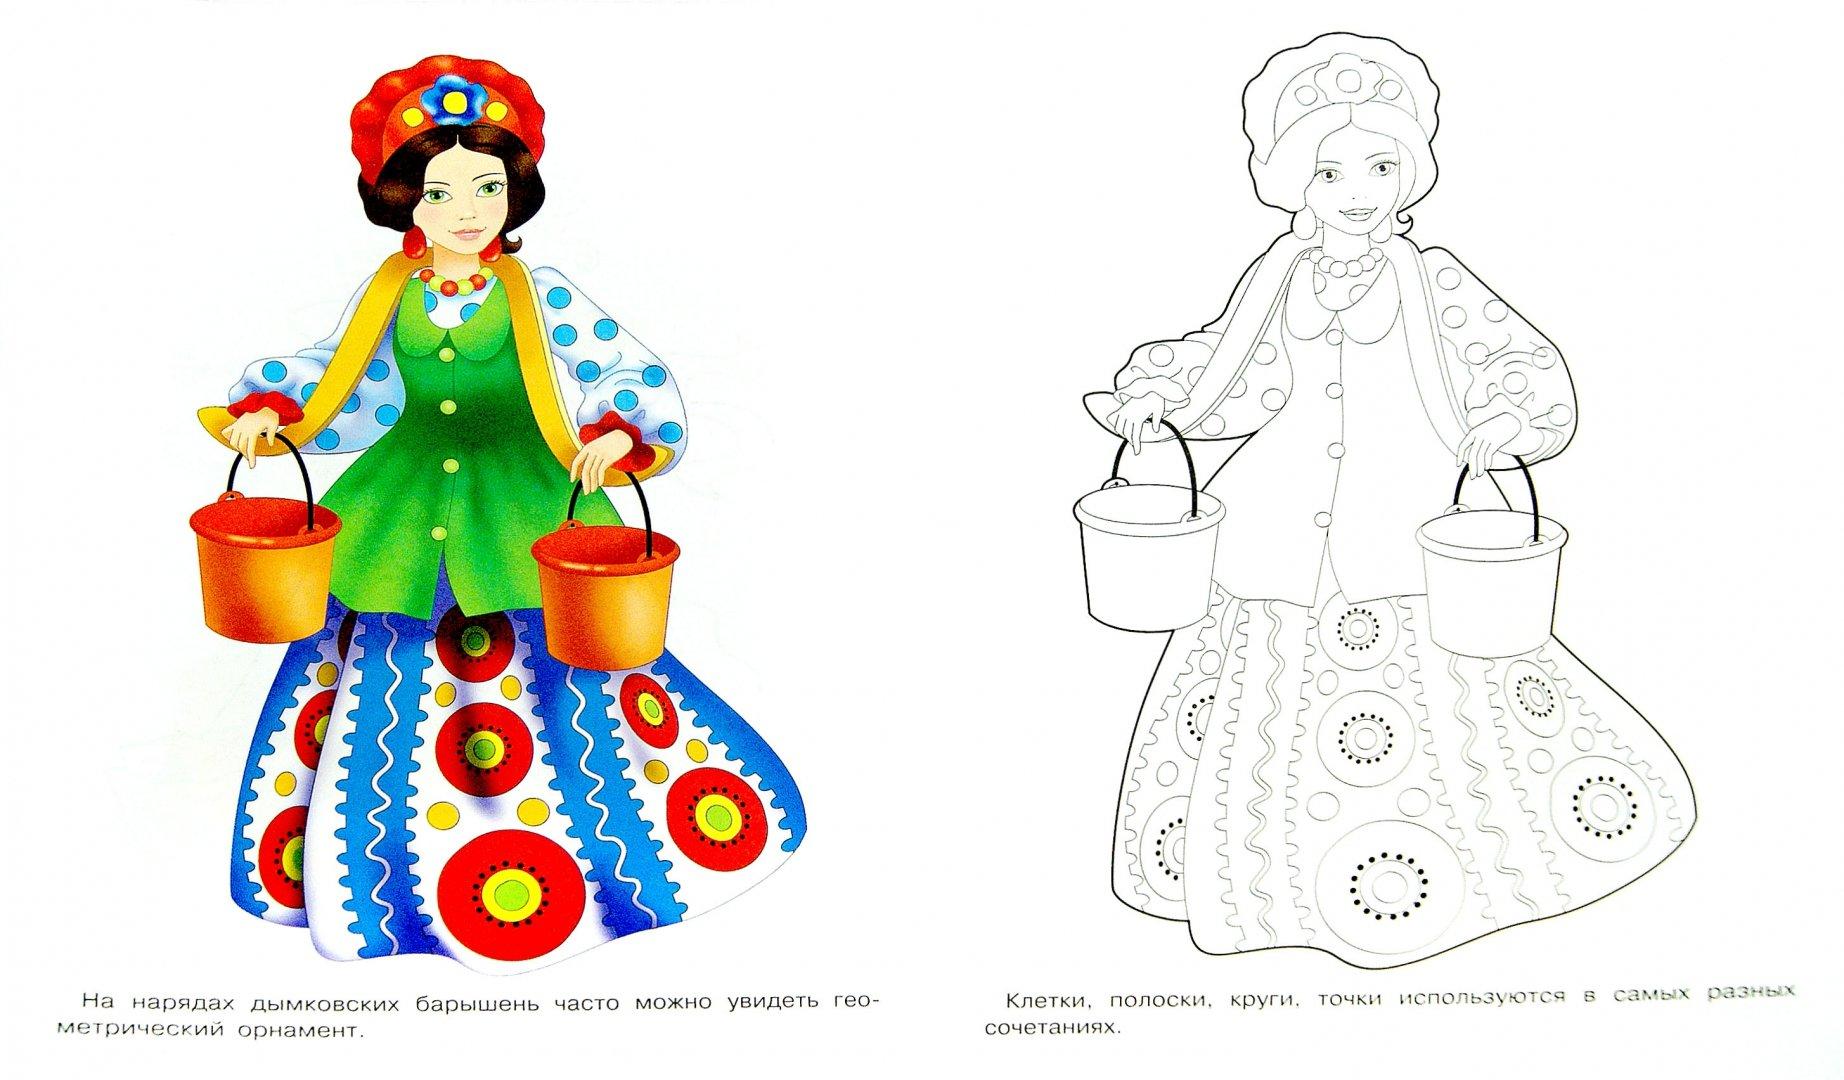 дымковская игрушка картинки для раскрашивания барыни любителей классики